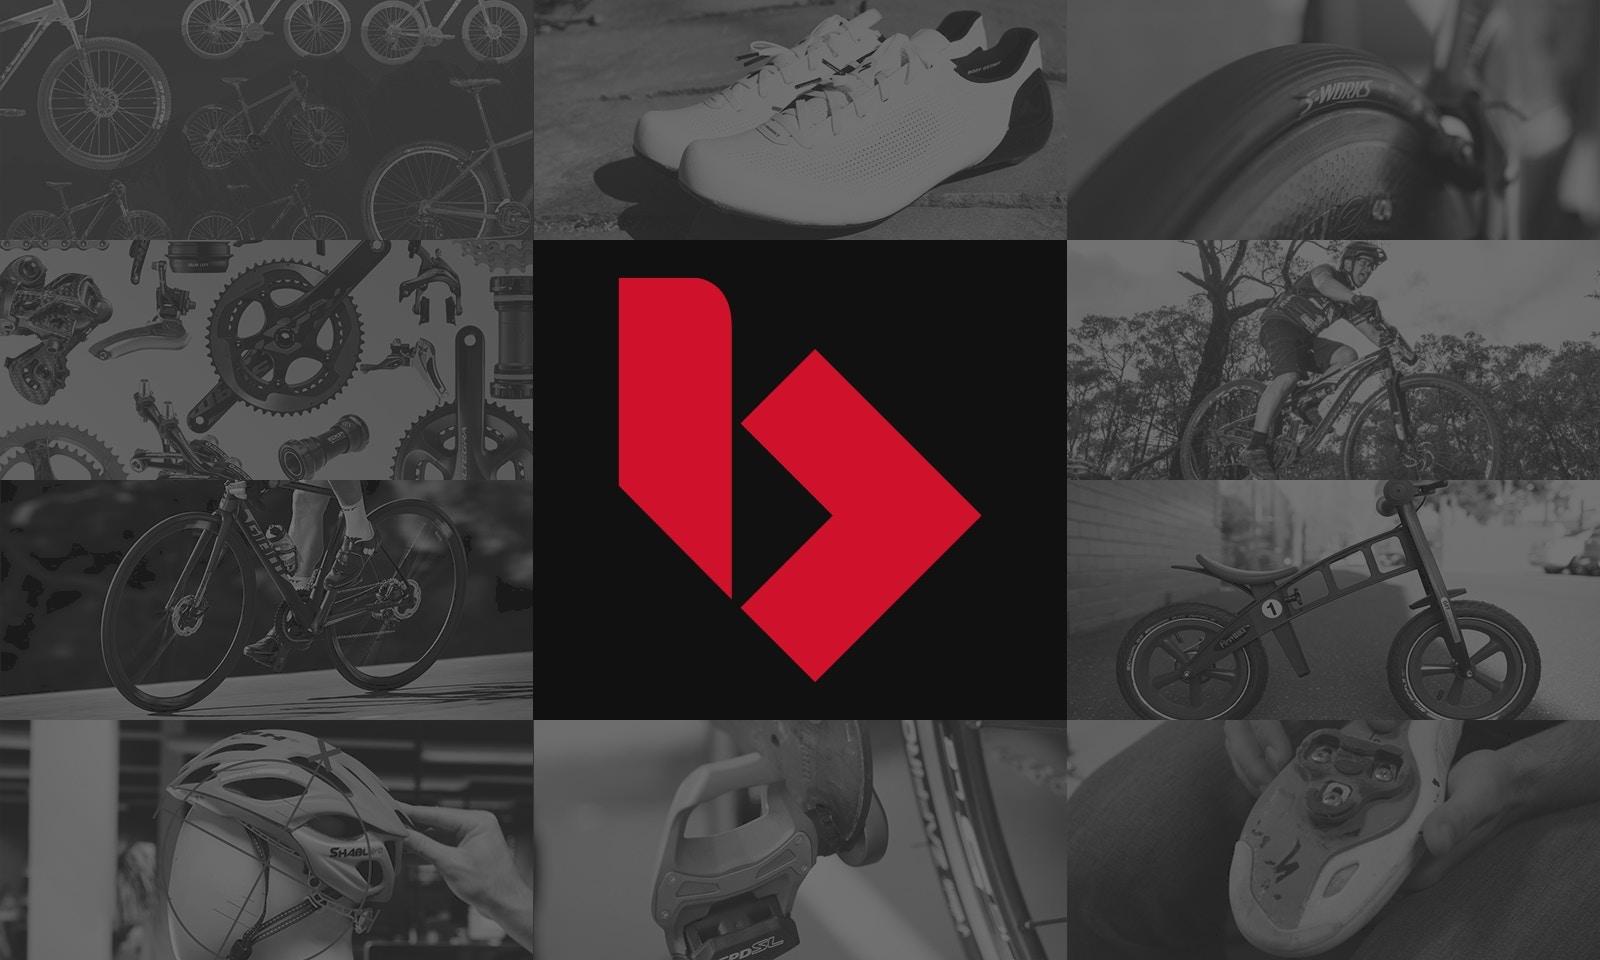 BikeExchange Anuncia la Venta del Website de Ruta CyclingTips a Pinkbike